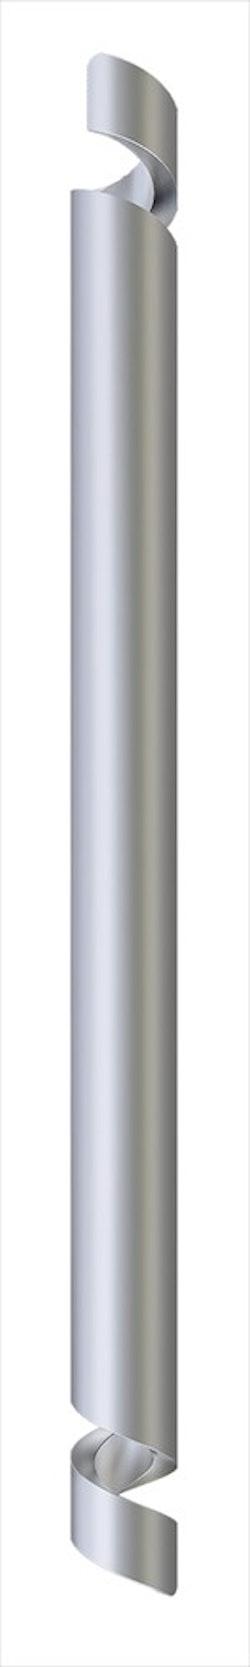 UMAGE Spinner för kabel och sladd, Aluminium